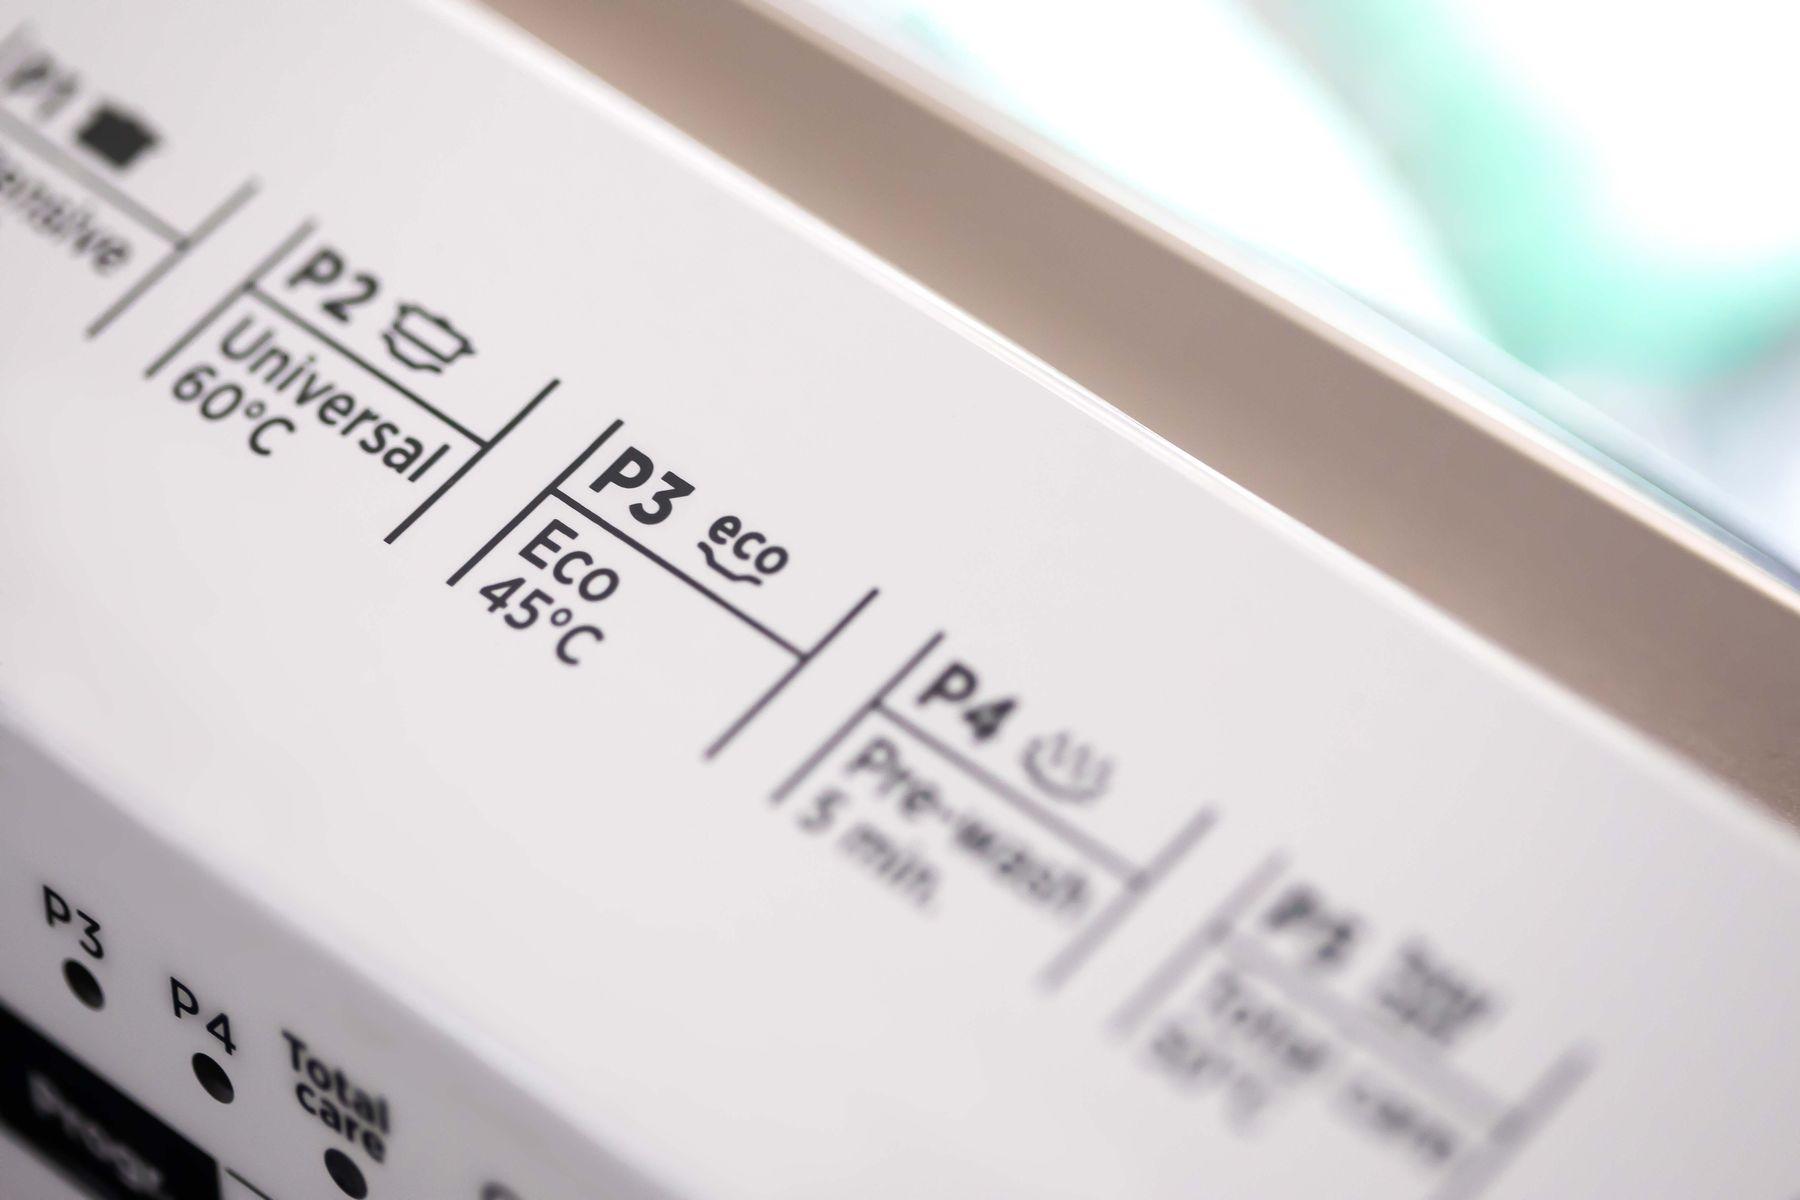 Dishwasher label showing eco energy-saving setting